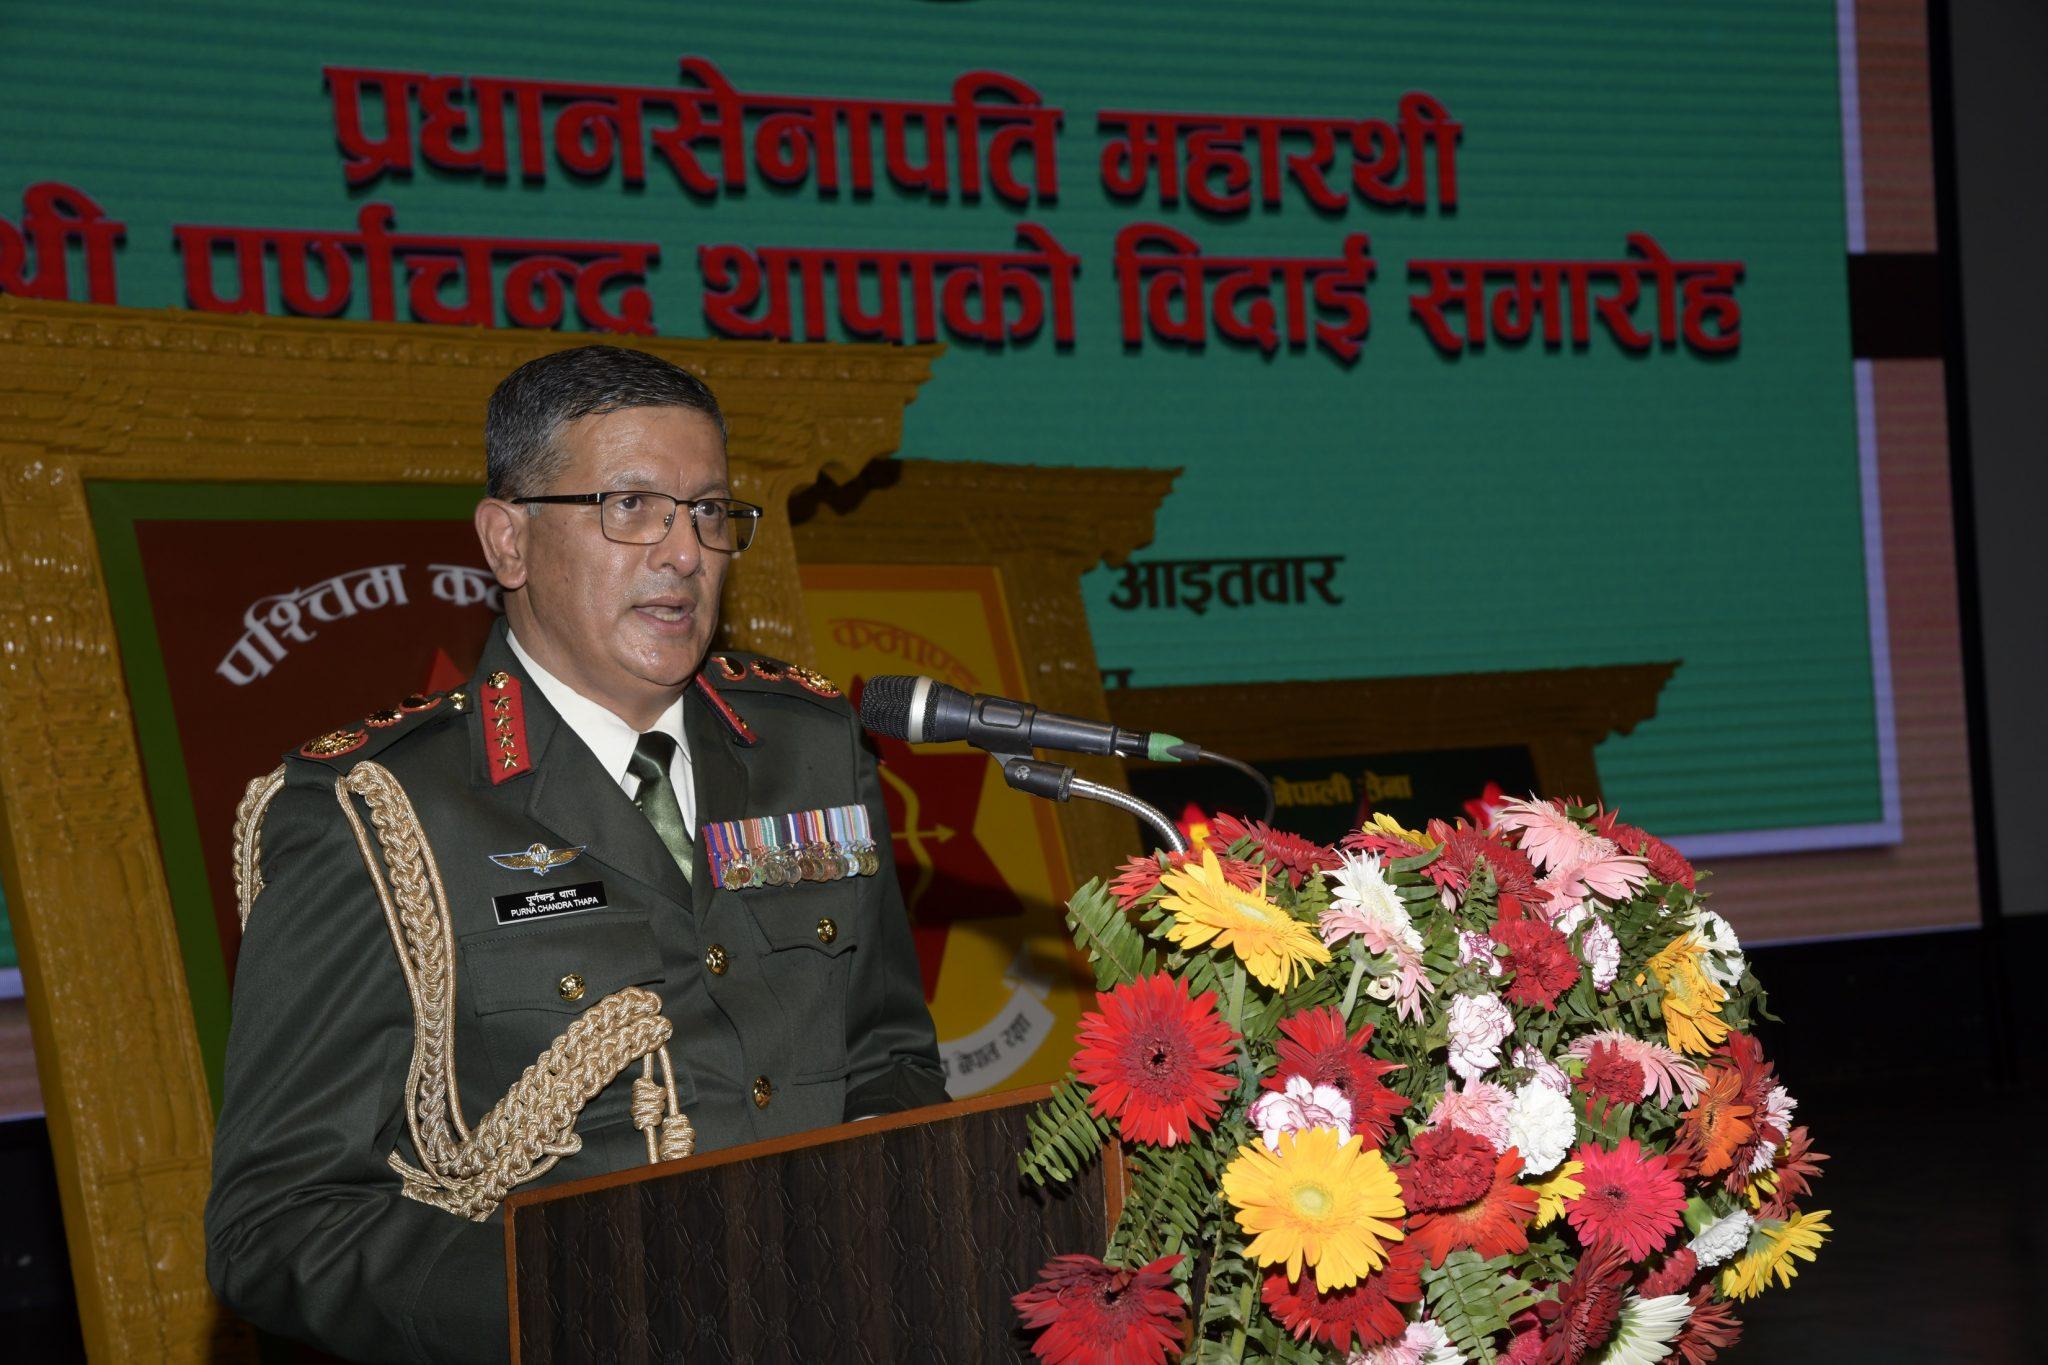 तीन बर्षे कार्यकाल पुरा गरेर बिदा भए प्रधानसेनापति थापा (फोटोफिचर)